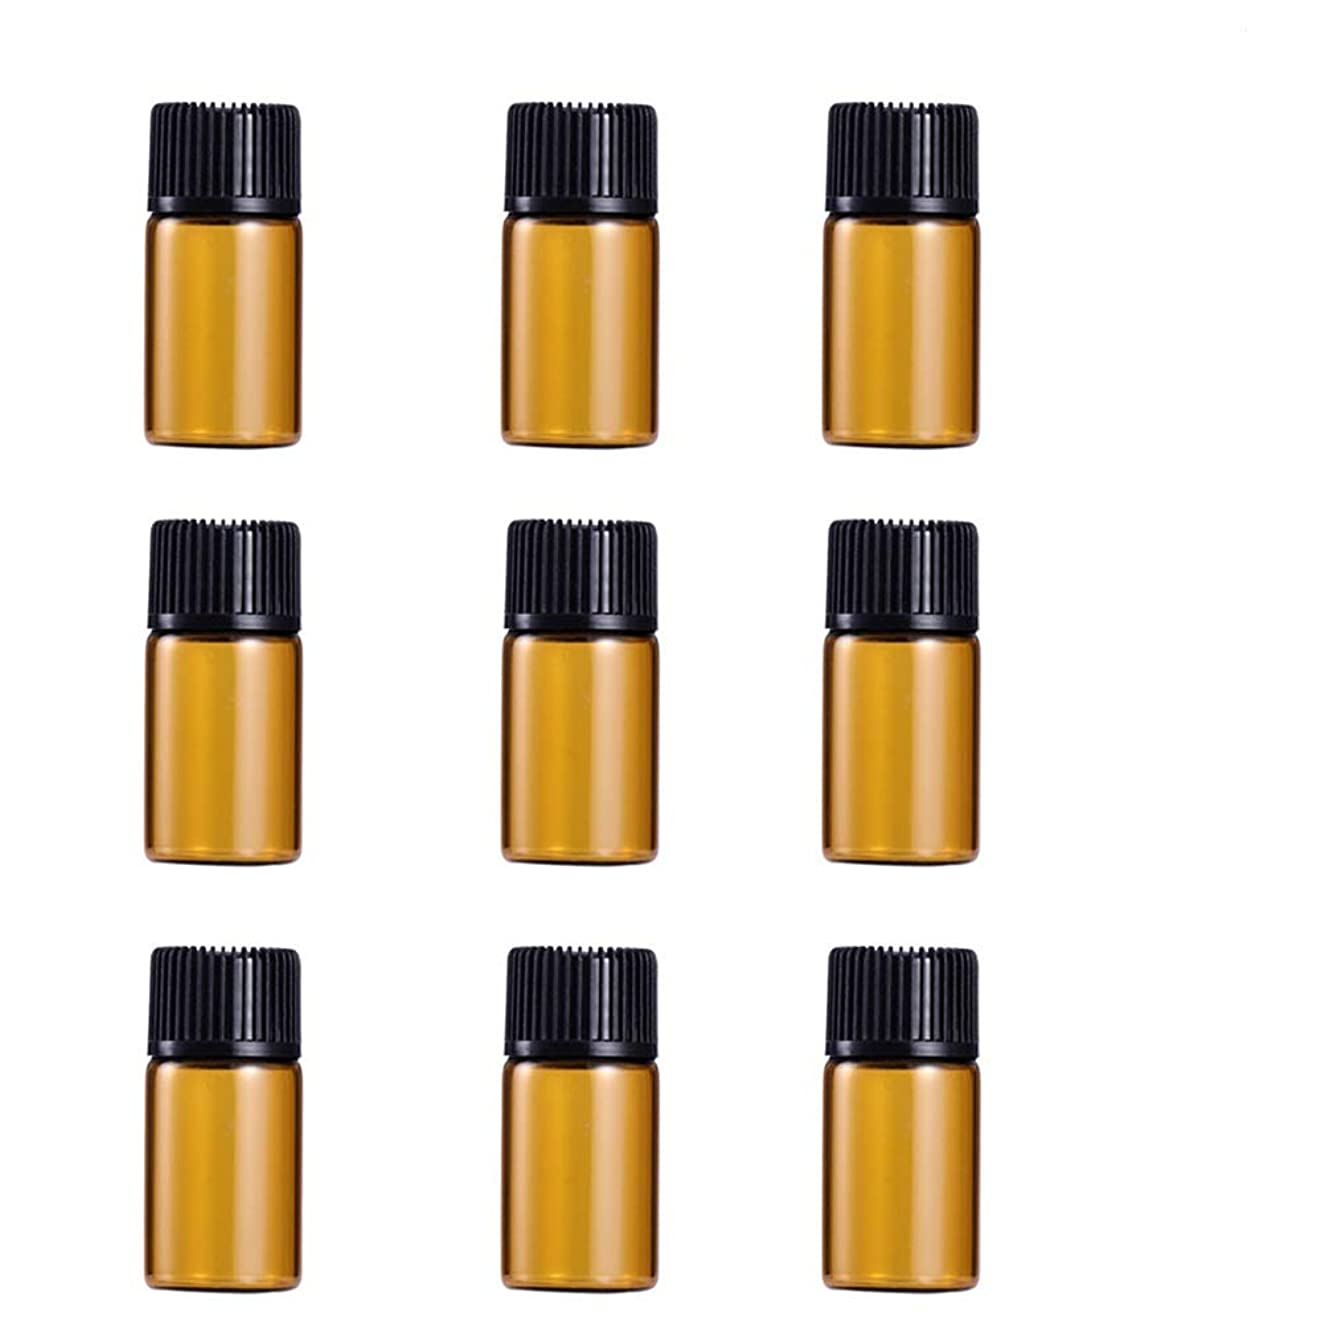 生き残り自転車カウボーイWINOMO 遮光瓶 アロマオイル 精油 小分け用 遮光瓶セット アロマボトル 保存容器 エッセンシャルオイル 香水 保存用 詰替え ガラス 茶色(9個入り 3ml)